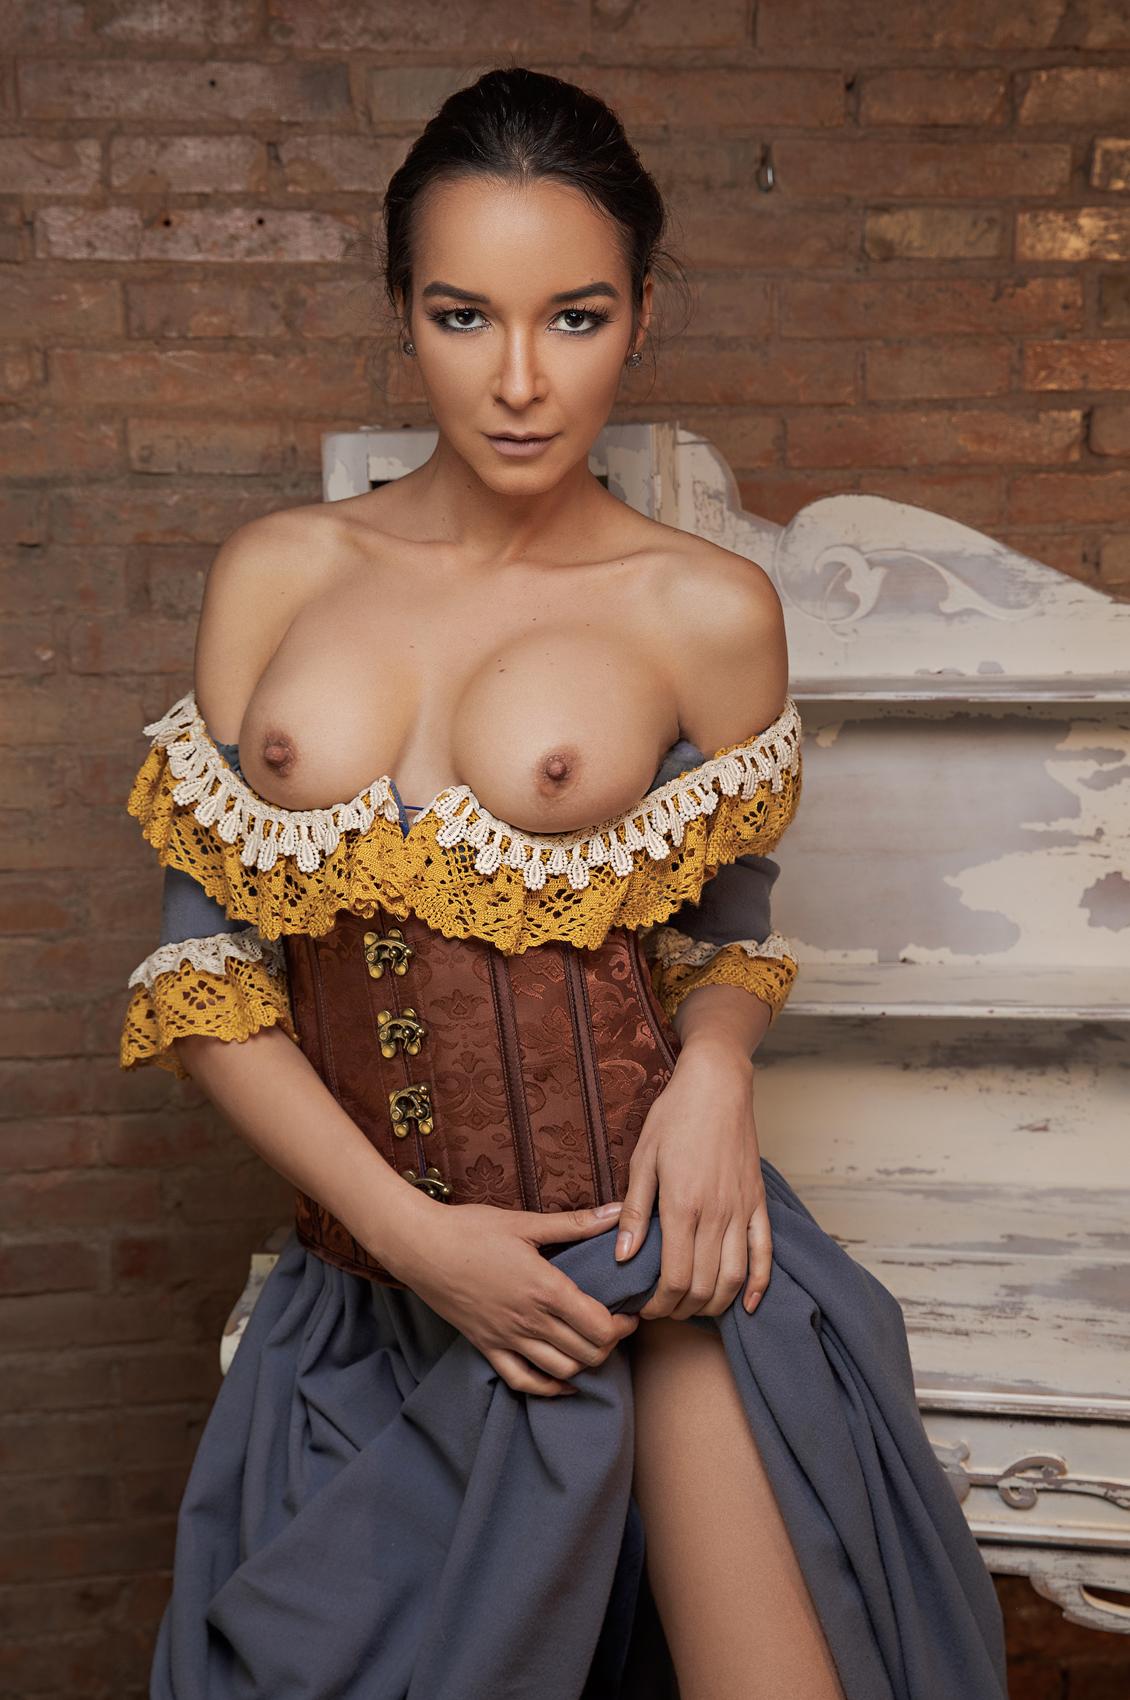 Francys belle porn videos of francys belle